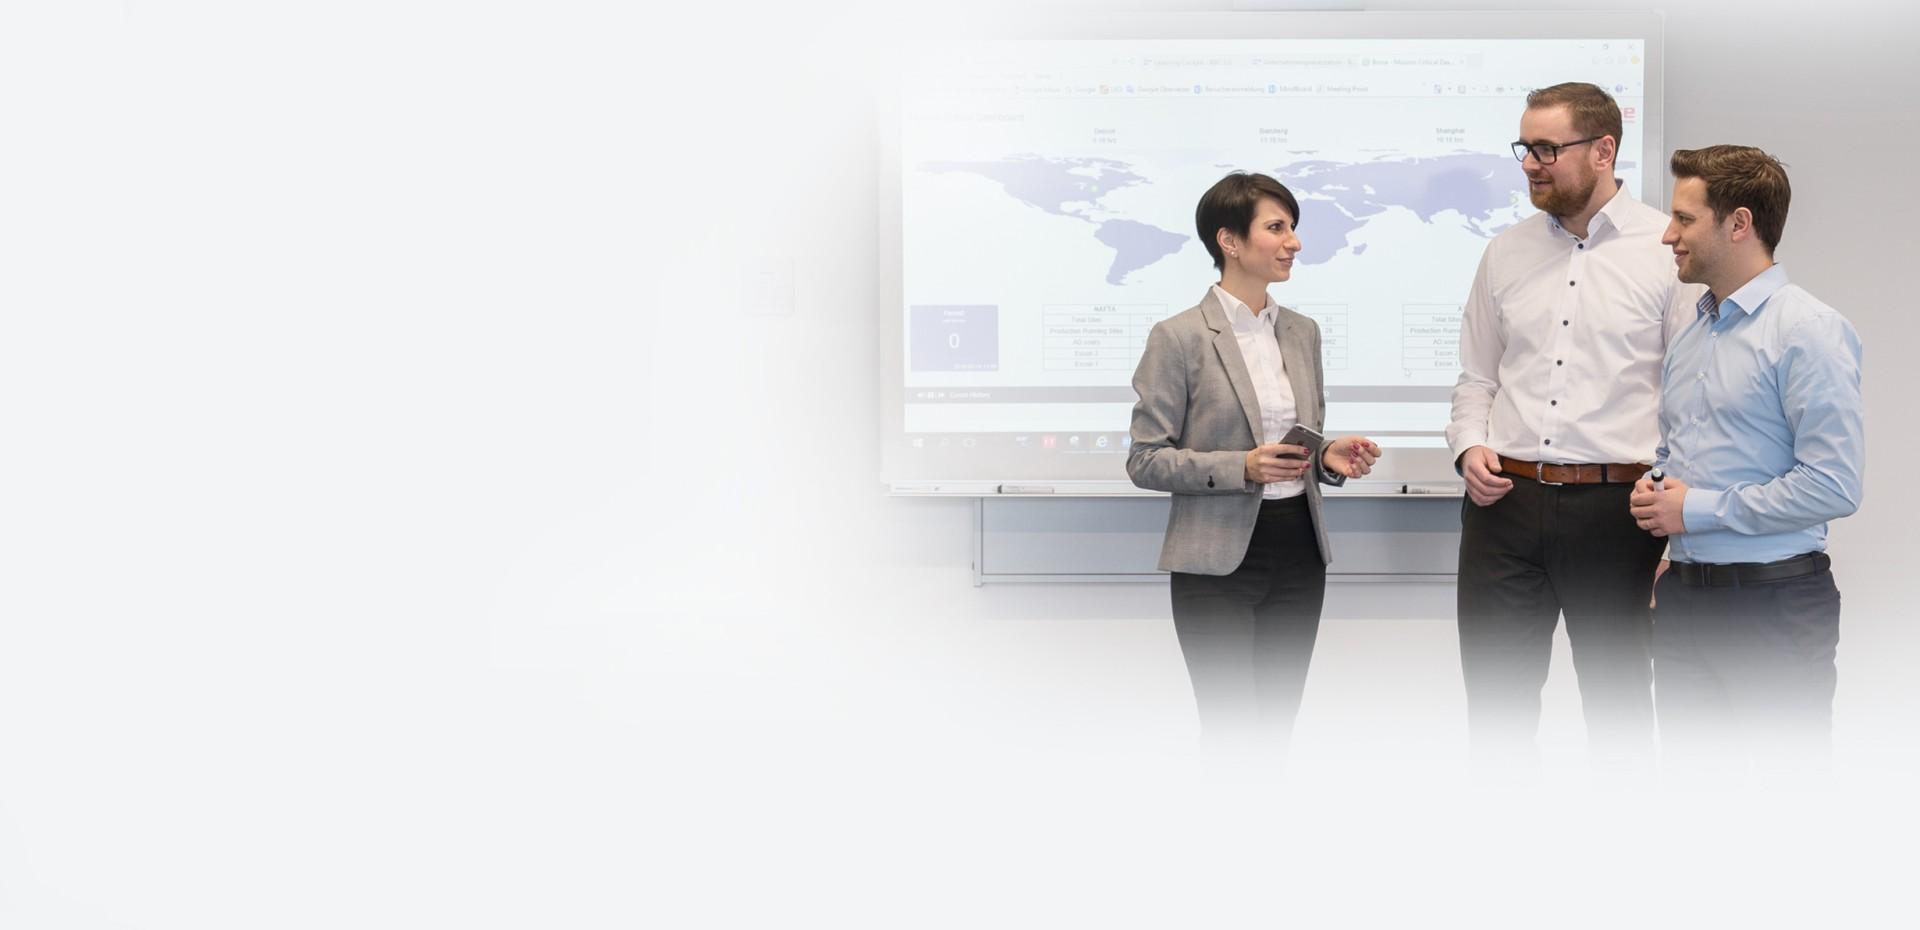 Brose Fertigungsplanung Ein globales Netzwerk